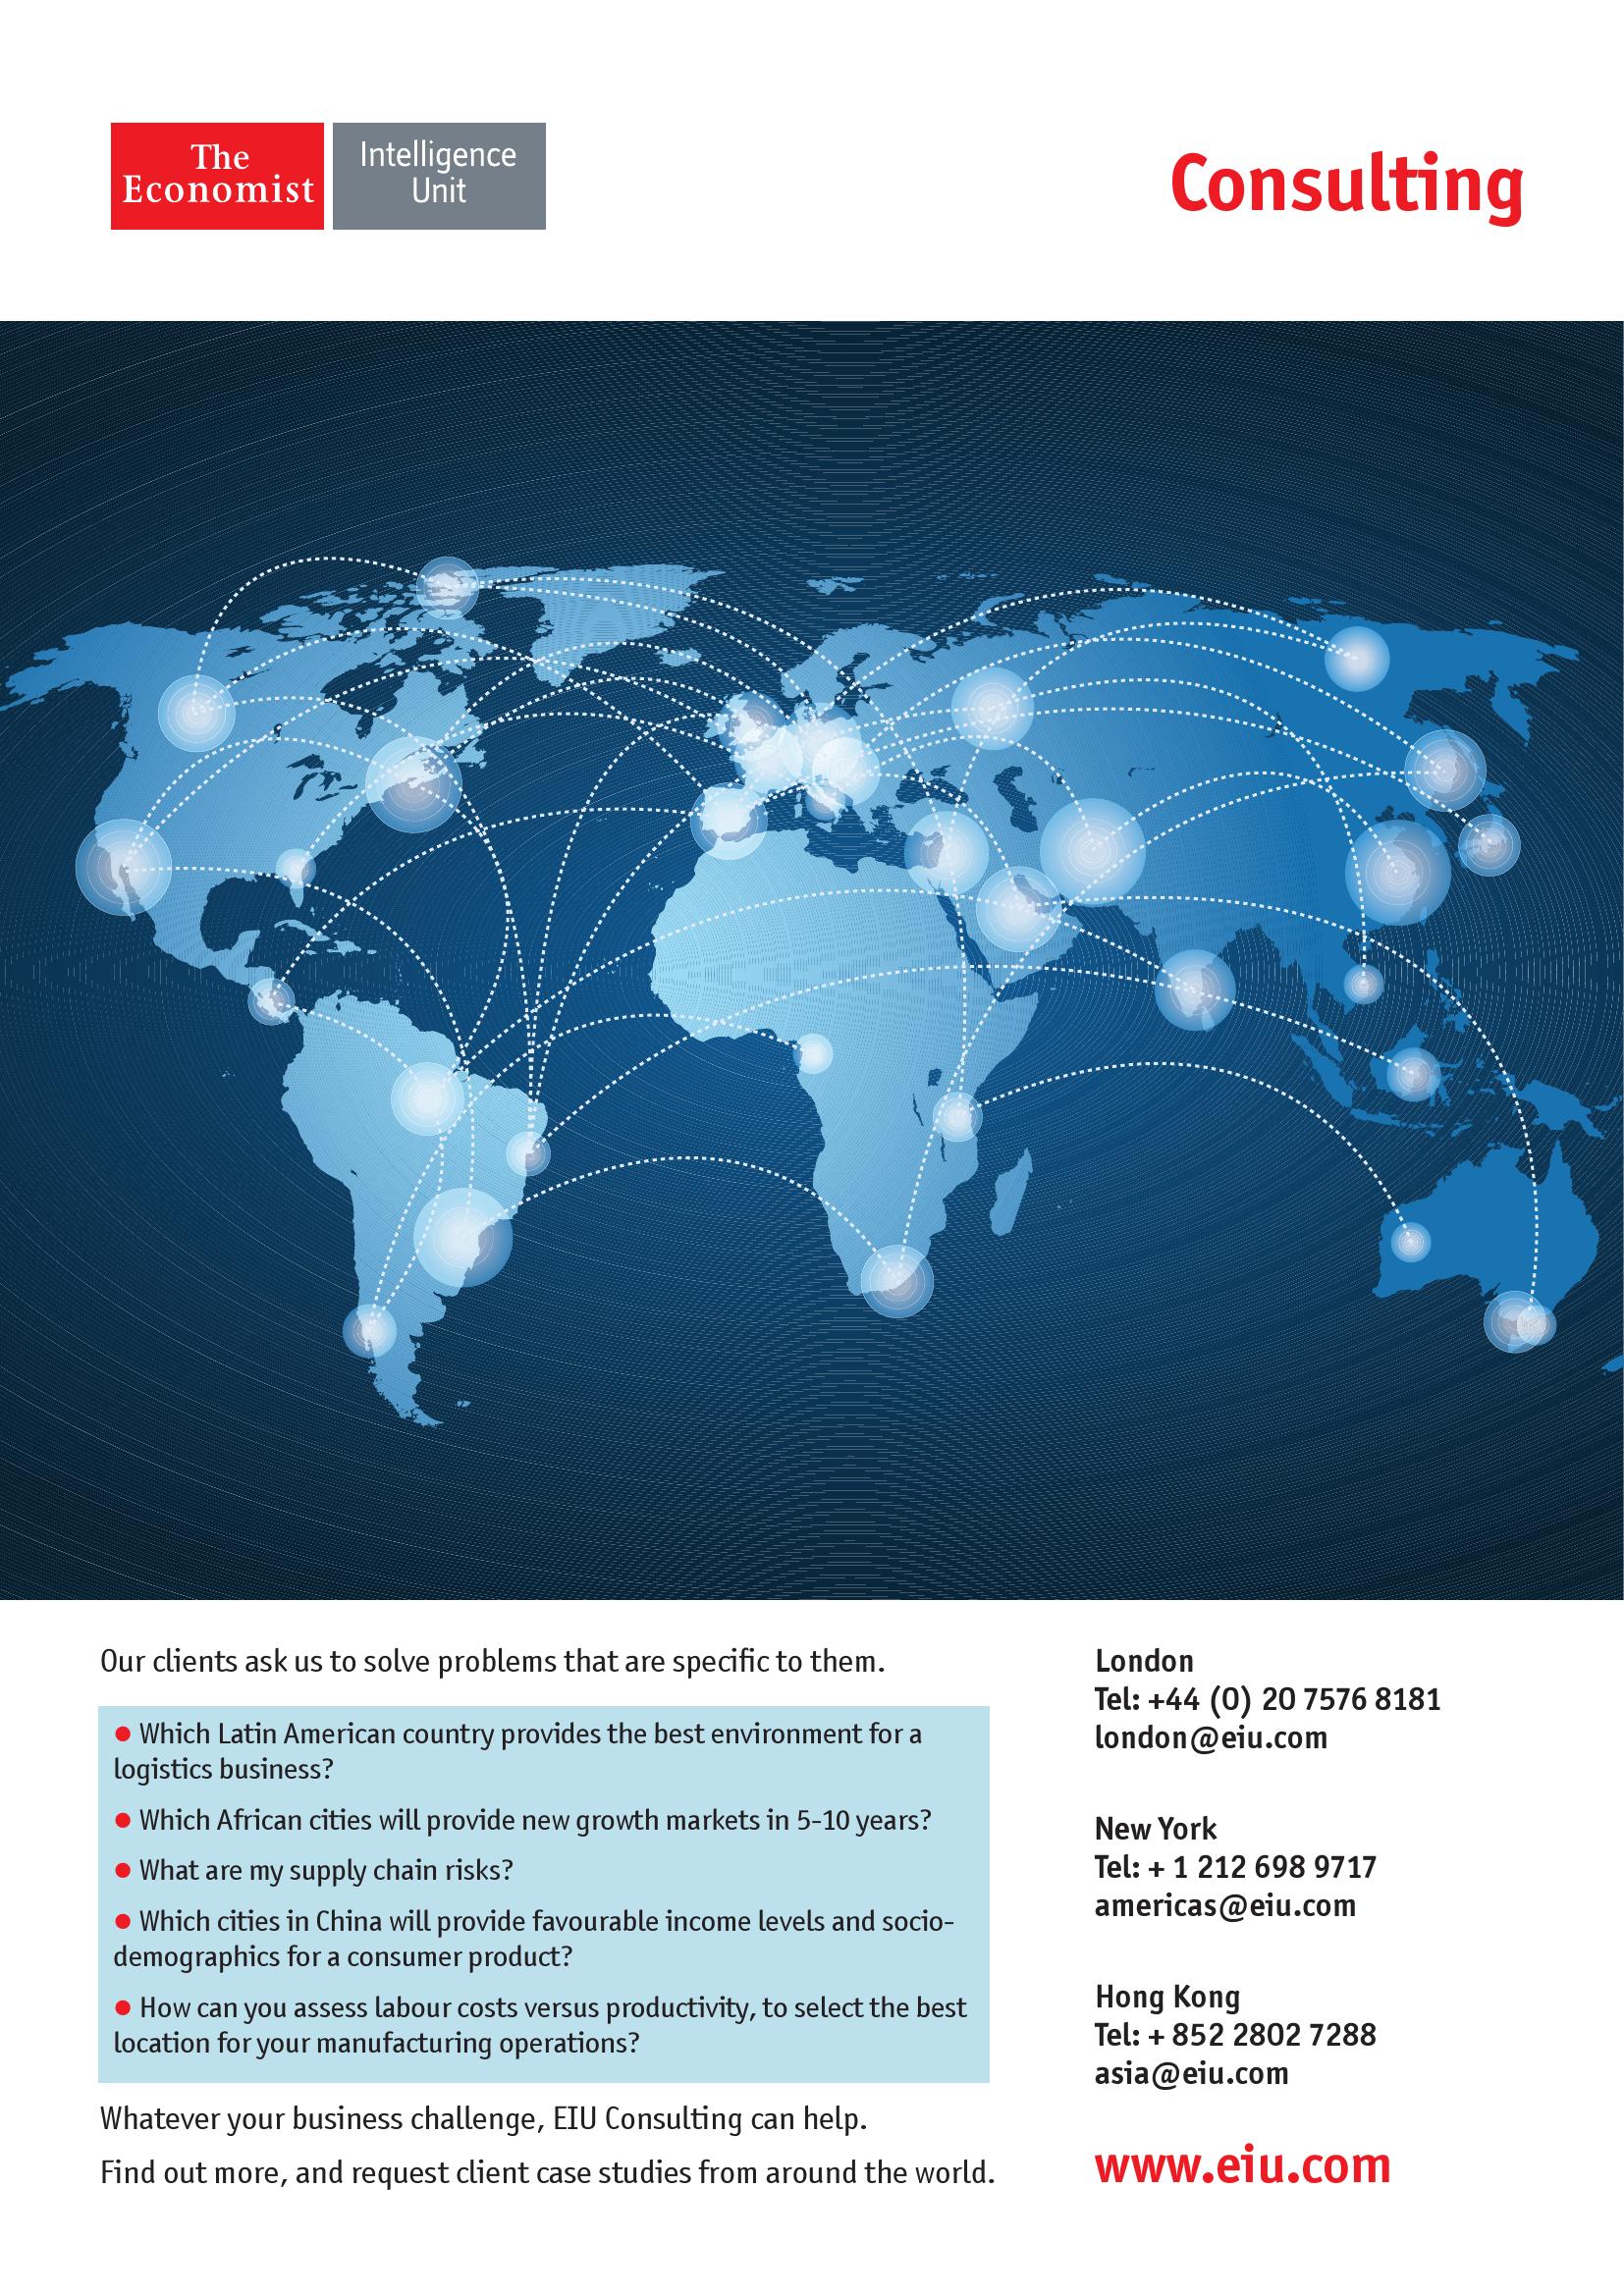 2016年亚洲商业展望调查报告_000004